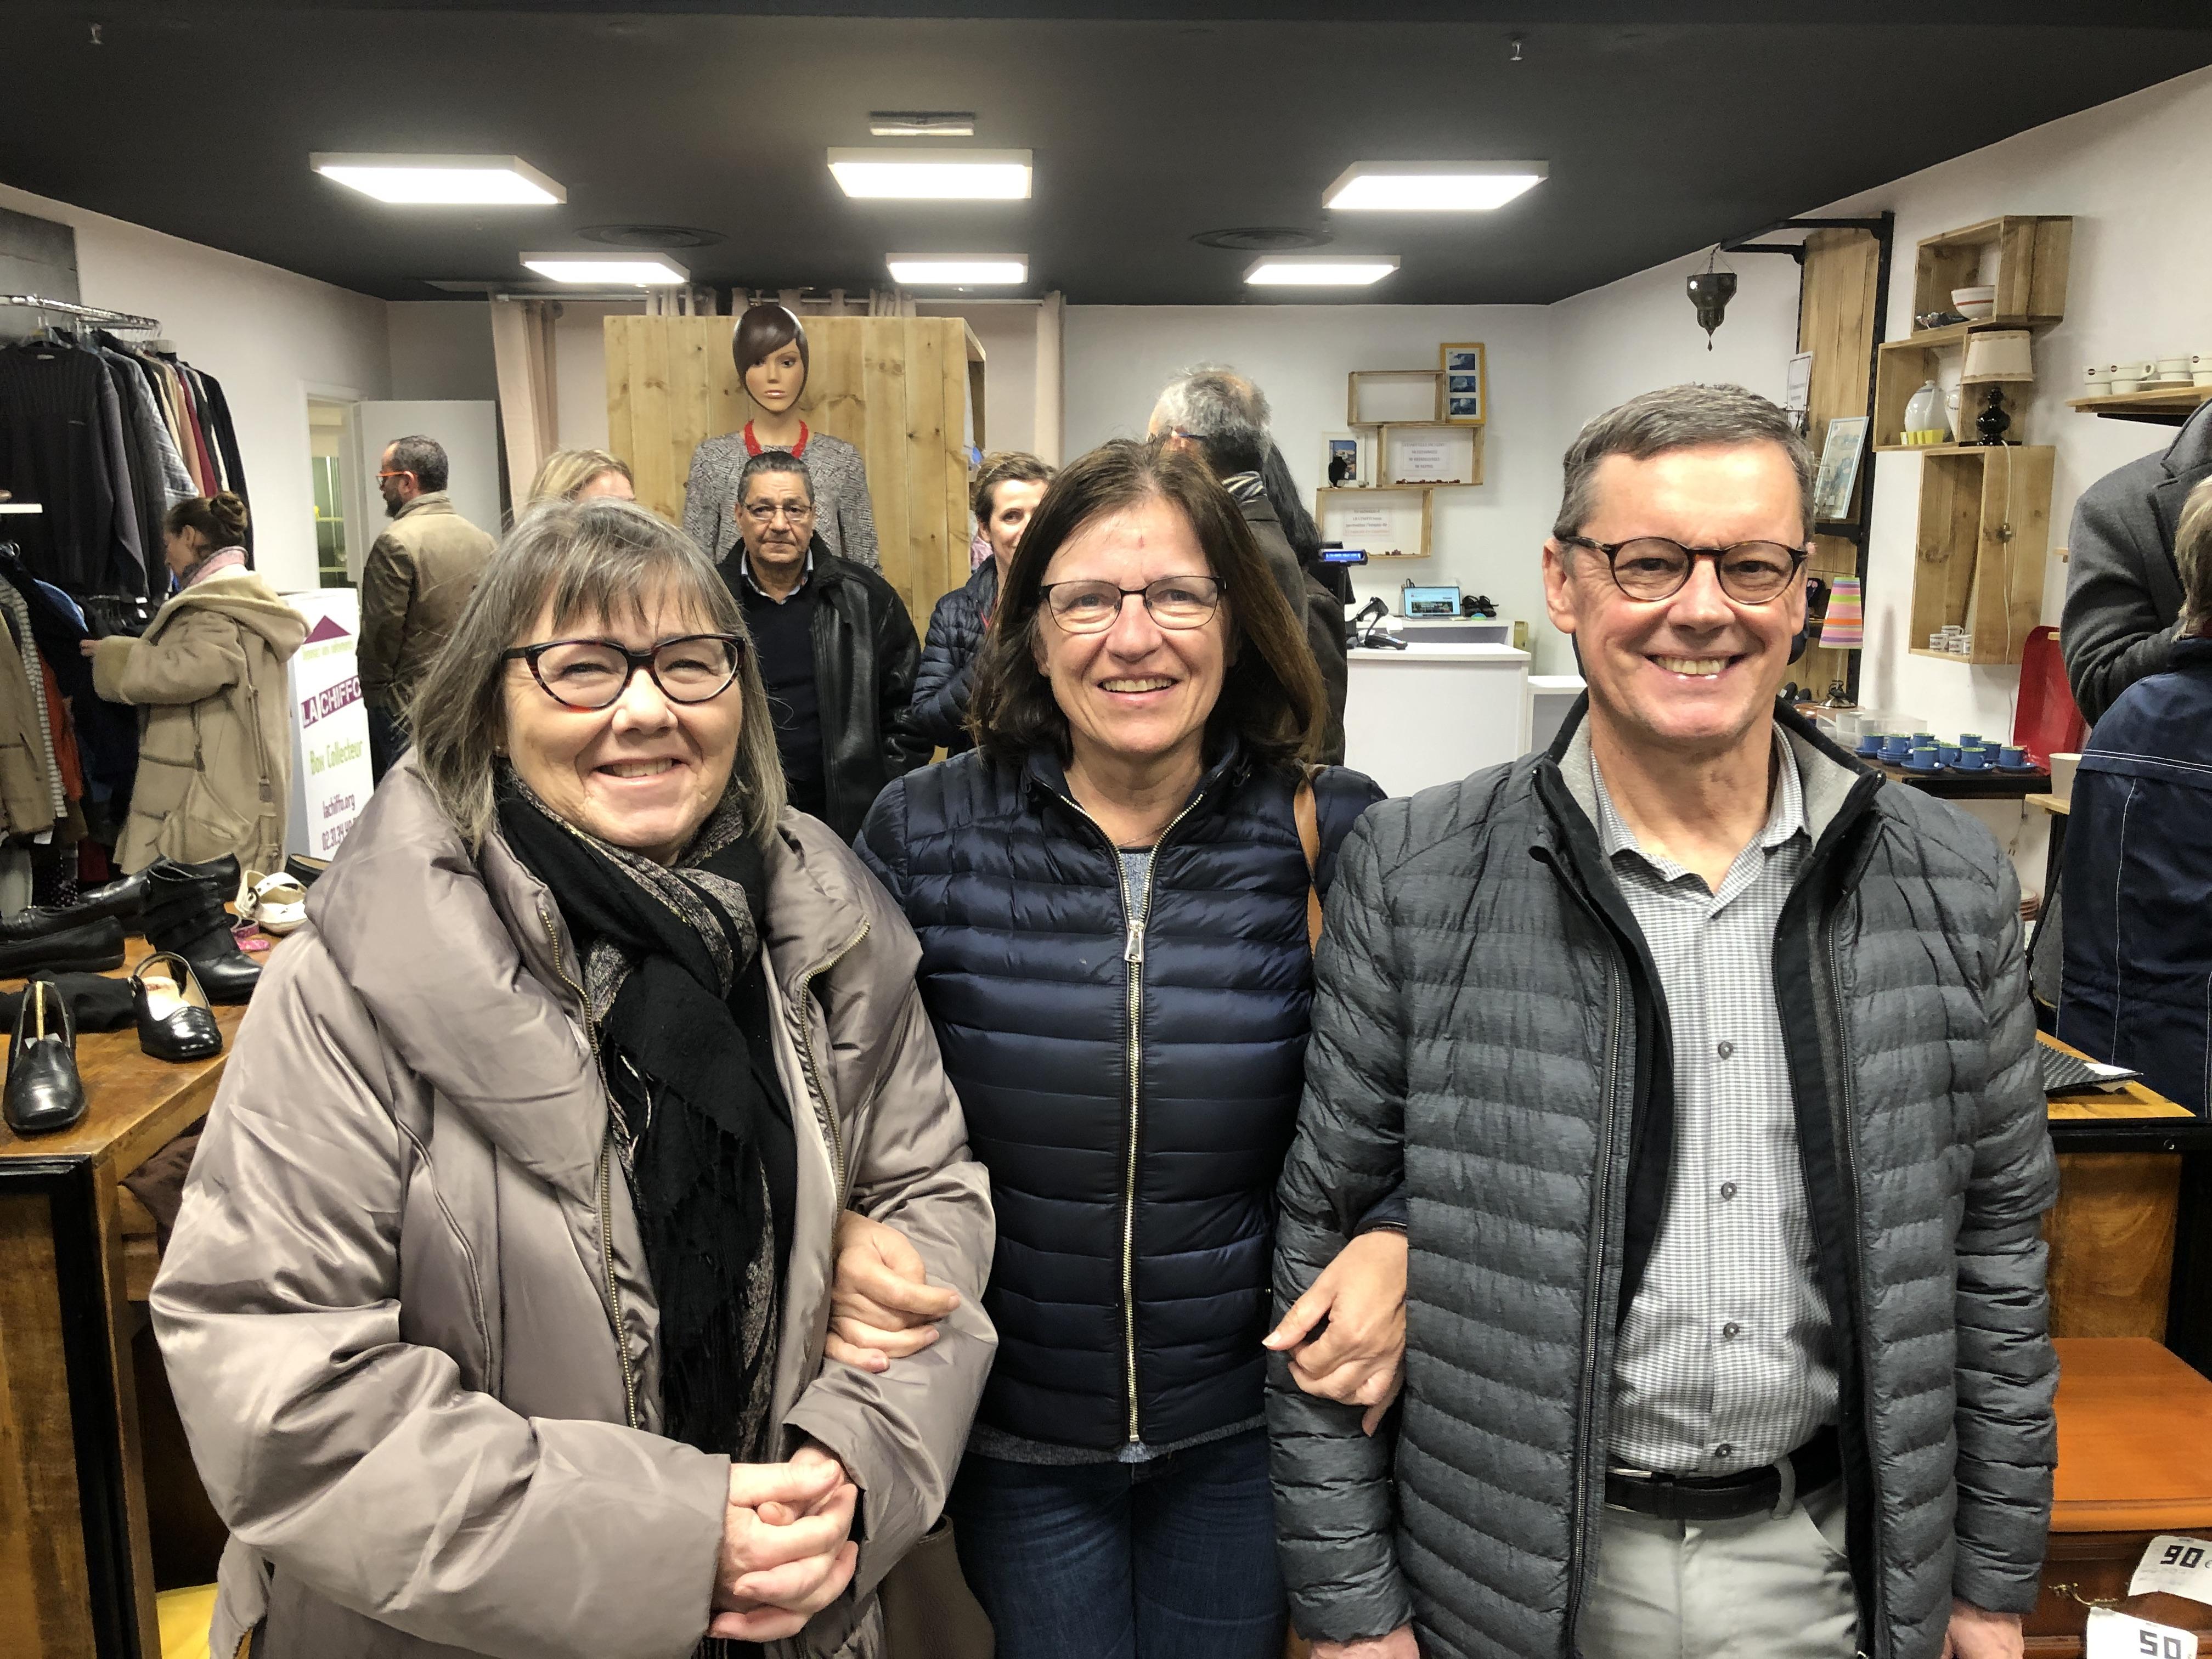 2019 03 08 inauguration de la boutique La Chiffo BIS à Hérouville Saint Clair (8)